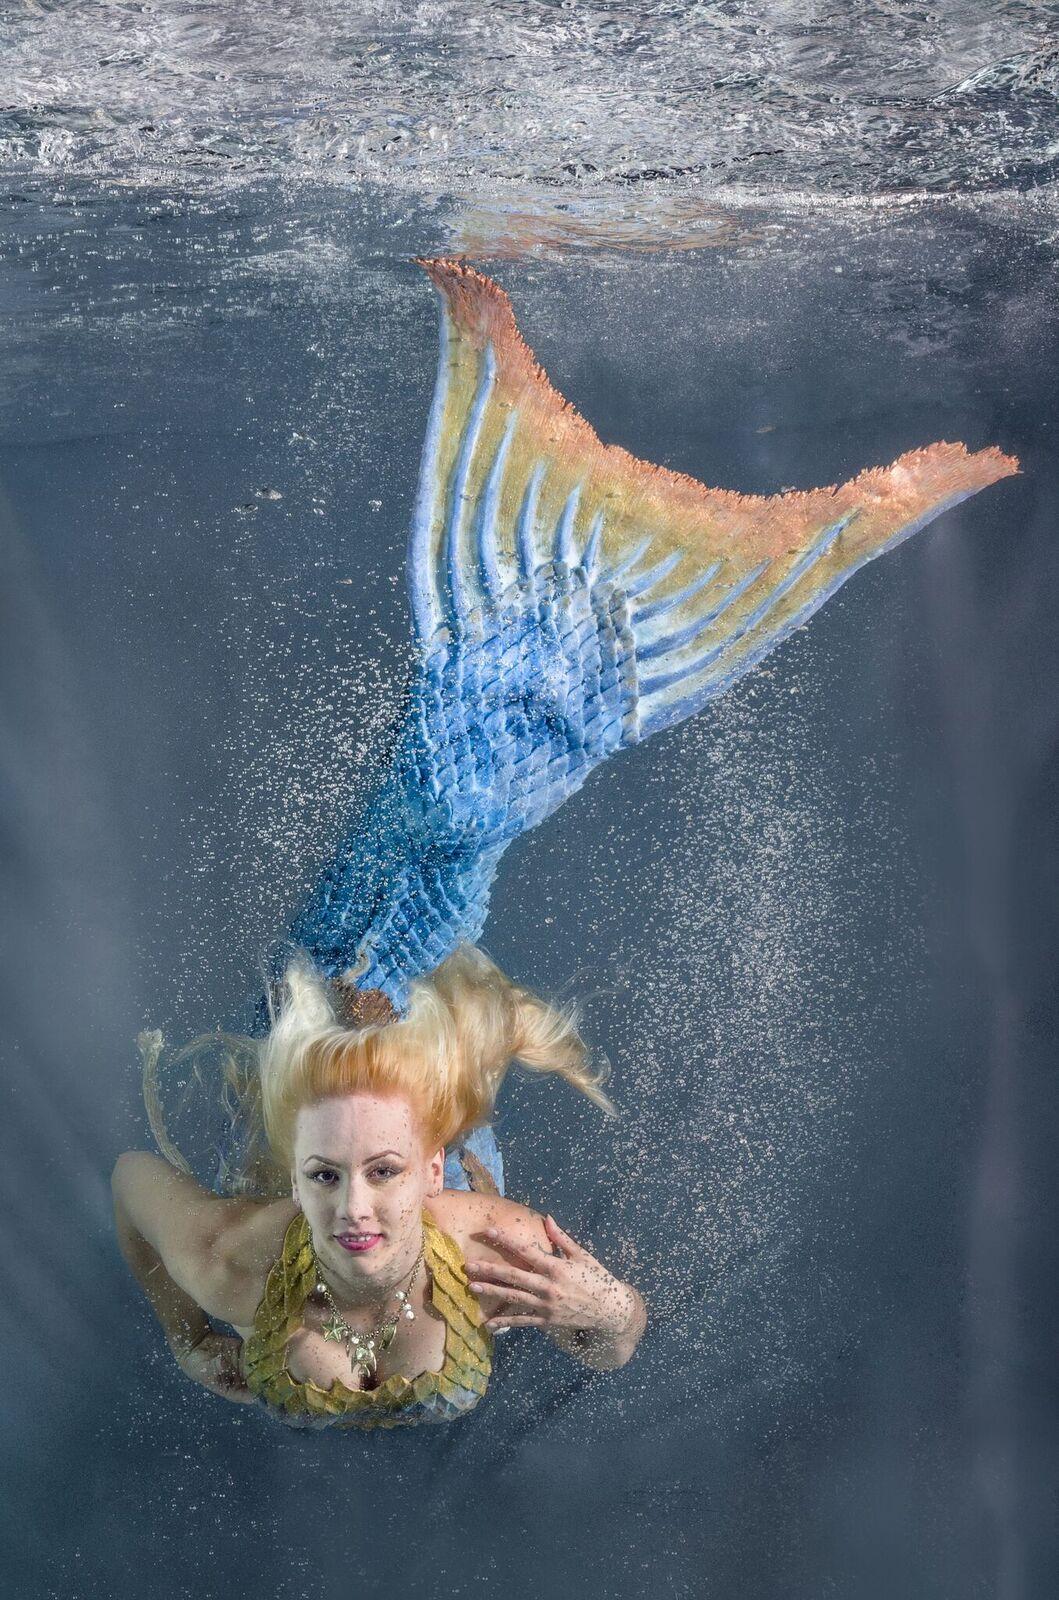 Underwater Unique entertainment ideas